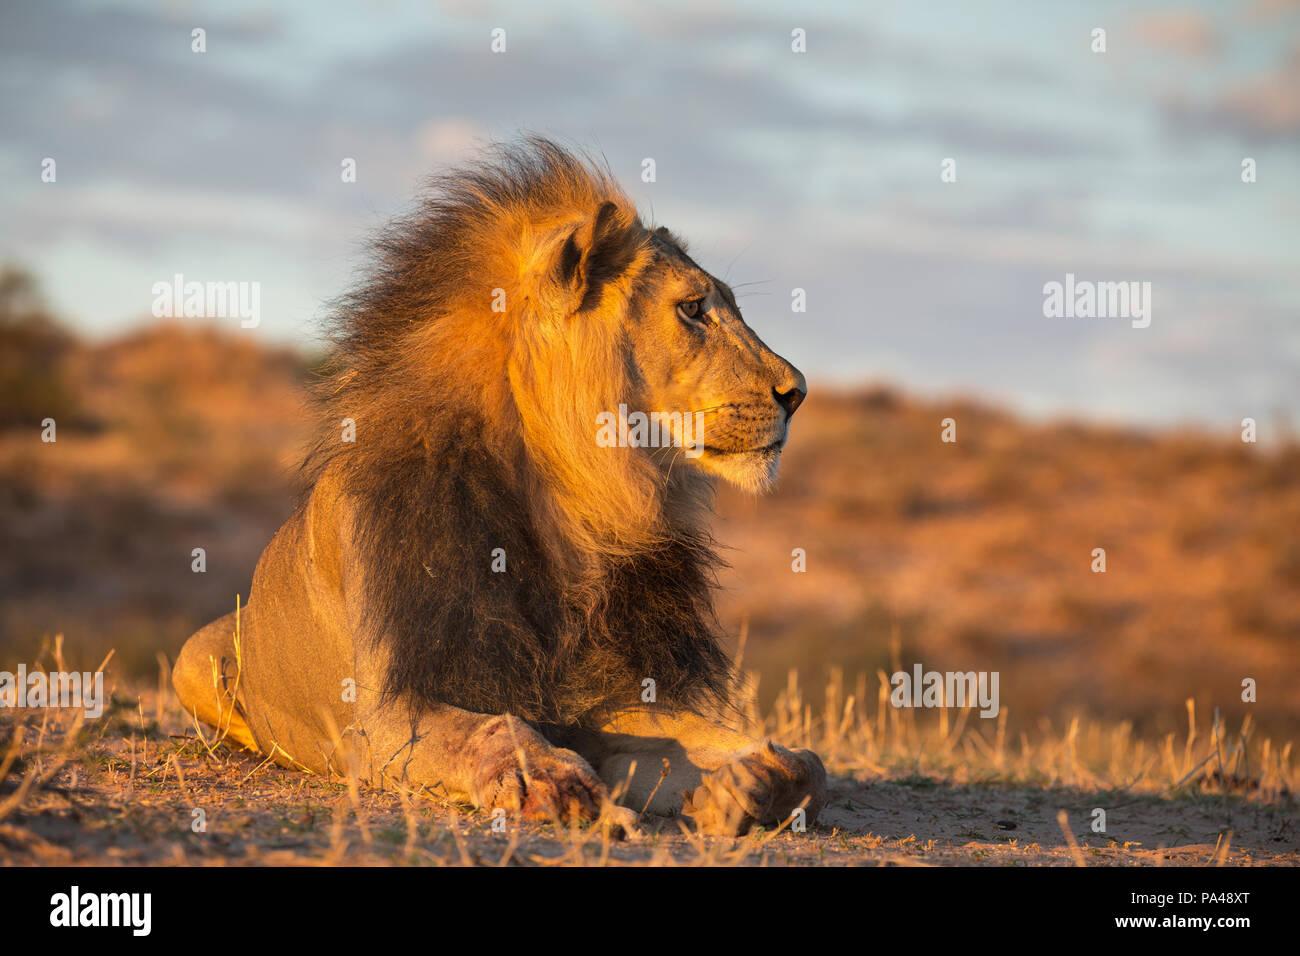 León (Panthera leo) macho, el Parque Transfronterizo Kgalagadi, Sudáfrica Imagen De Stock